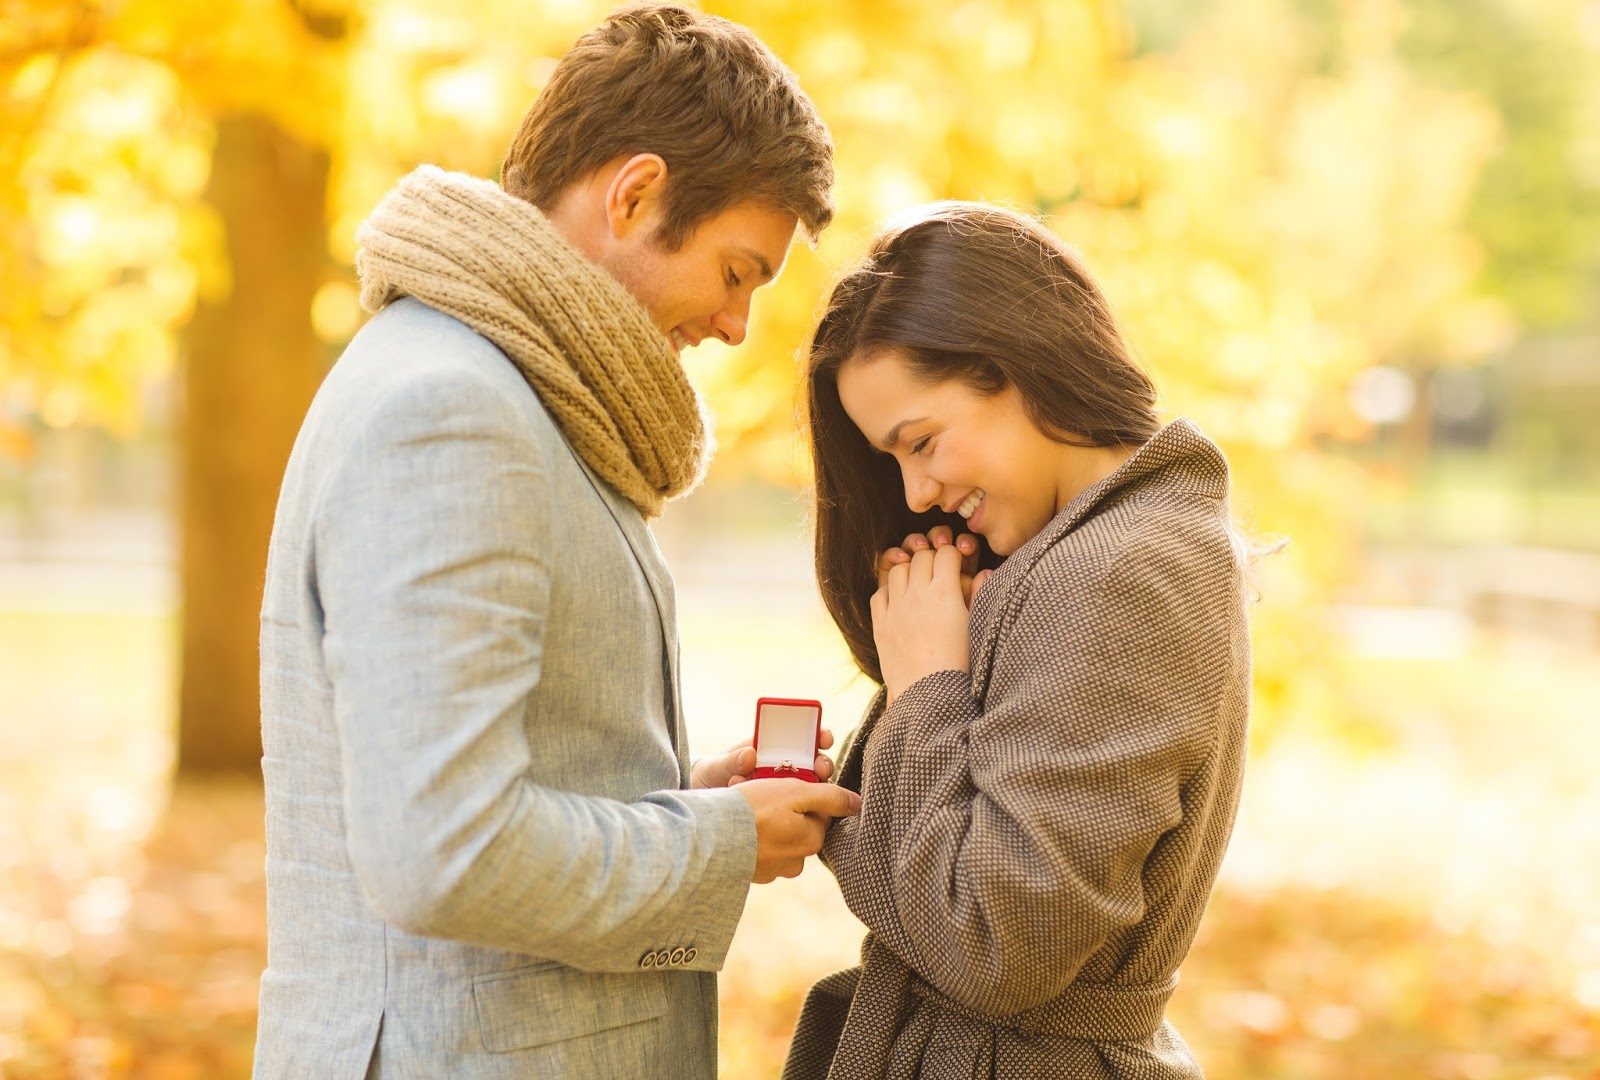 صوره اجمد رومانسية , اجمل صور حب واهتمام الازواج